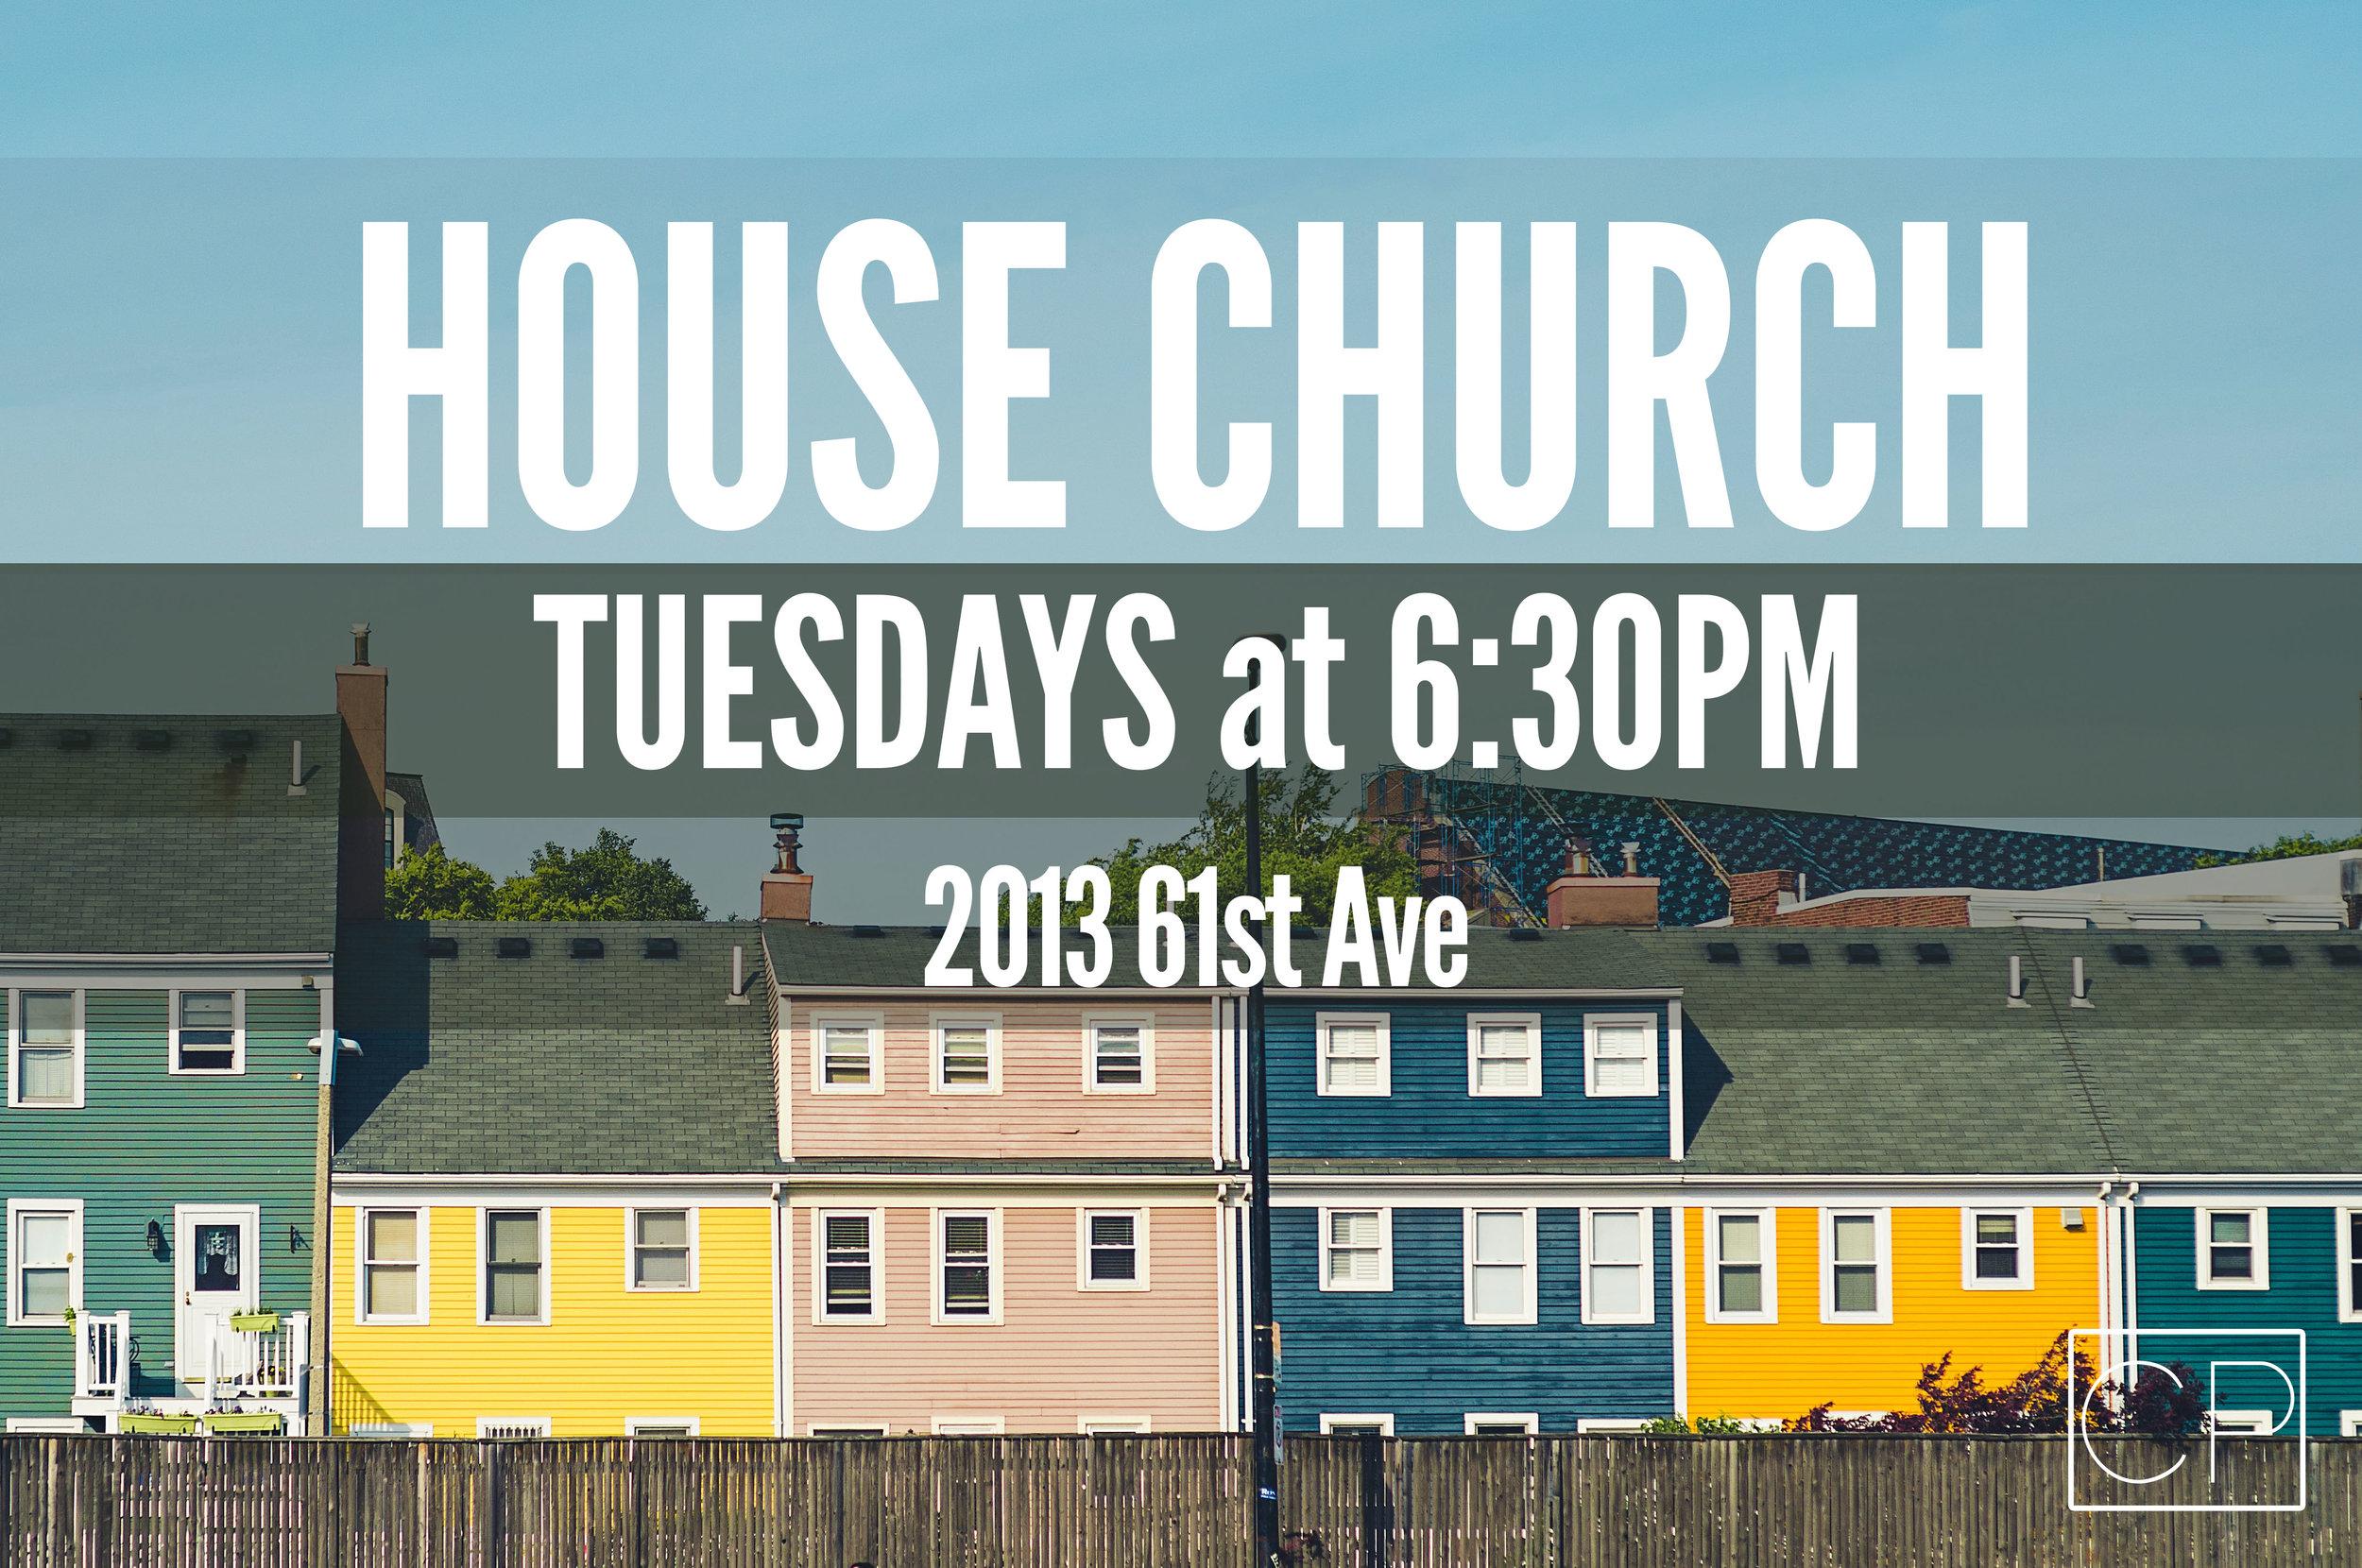 house churches 2018 tuesday.jpg